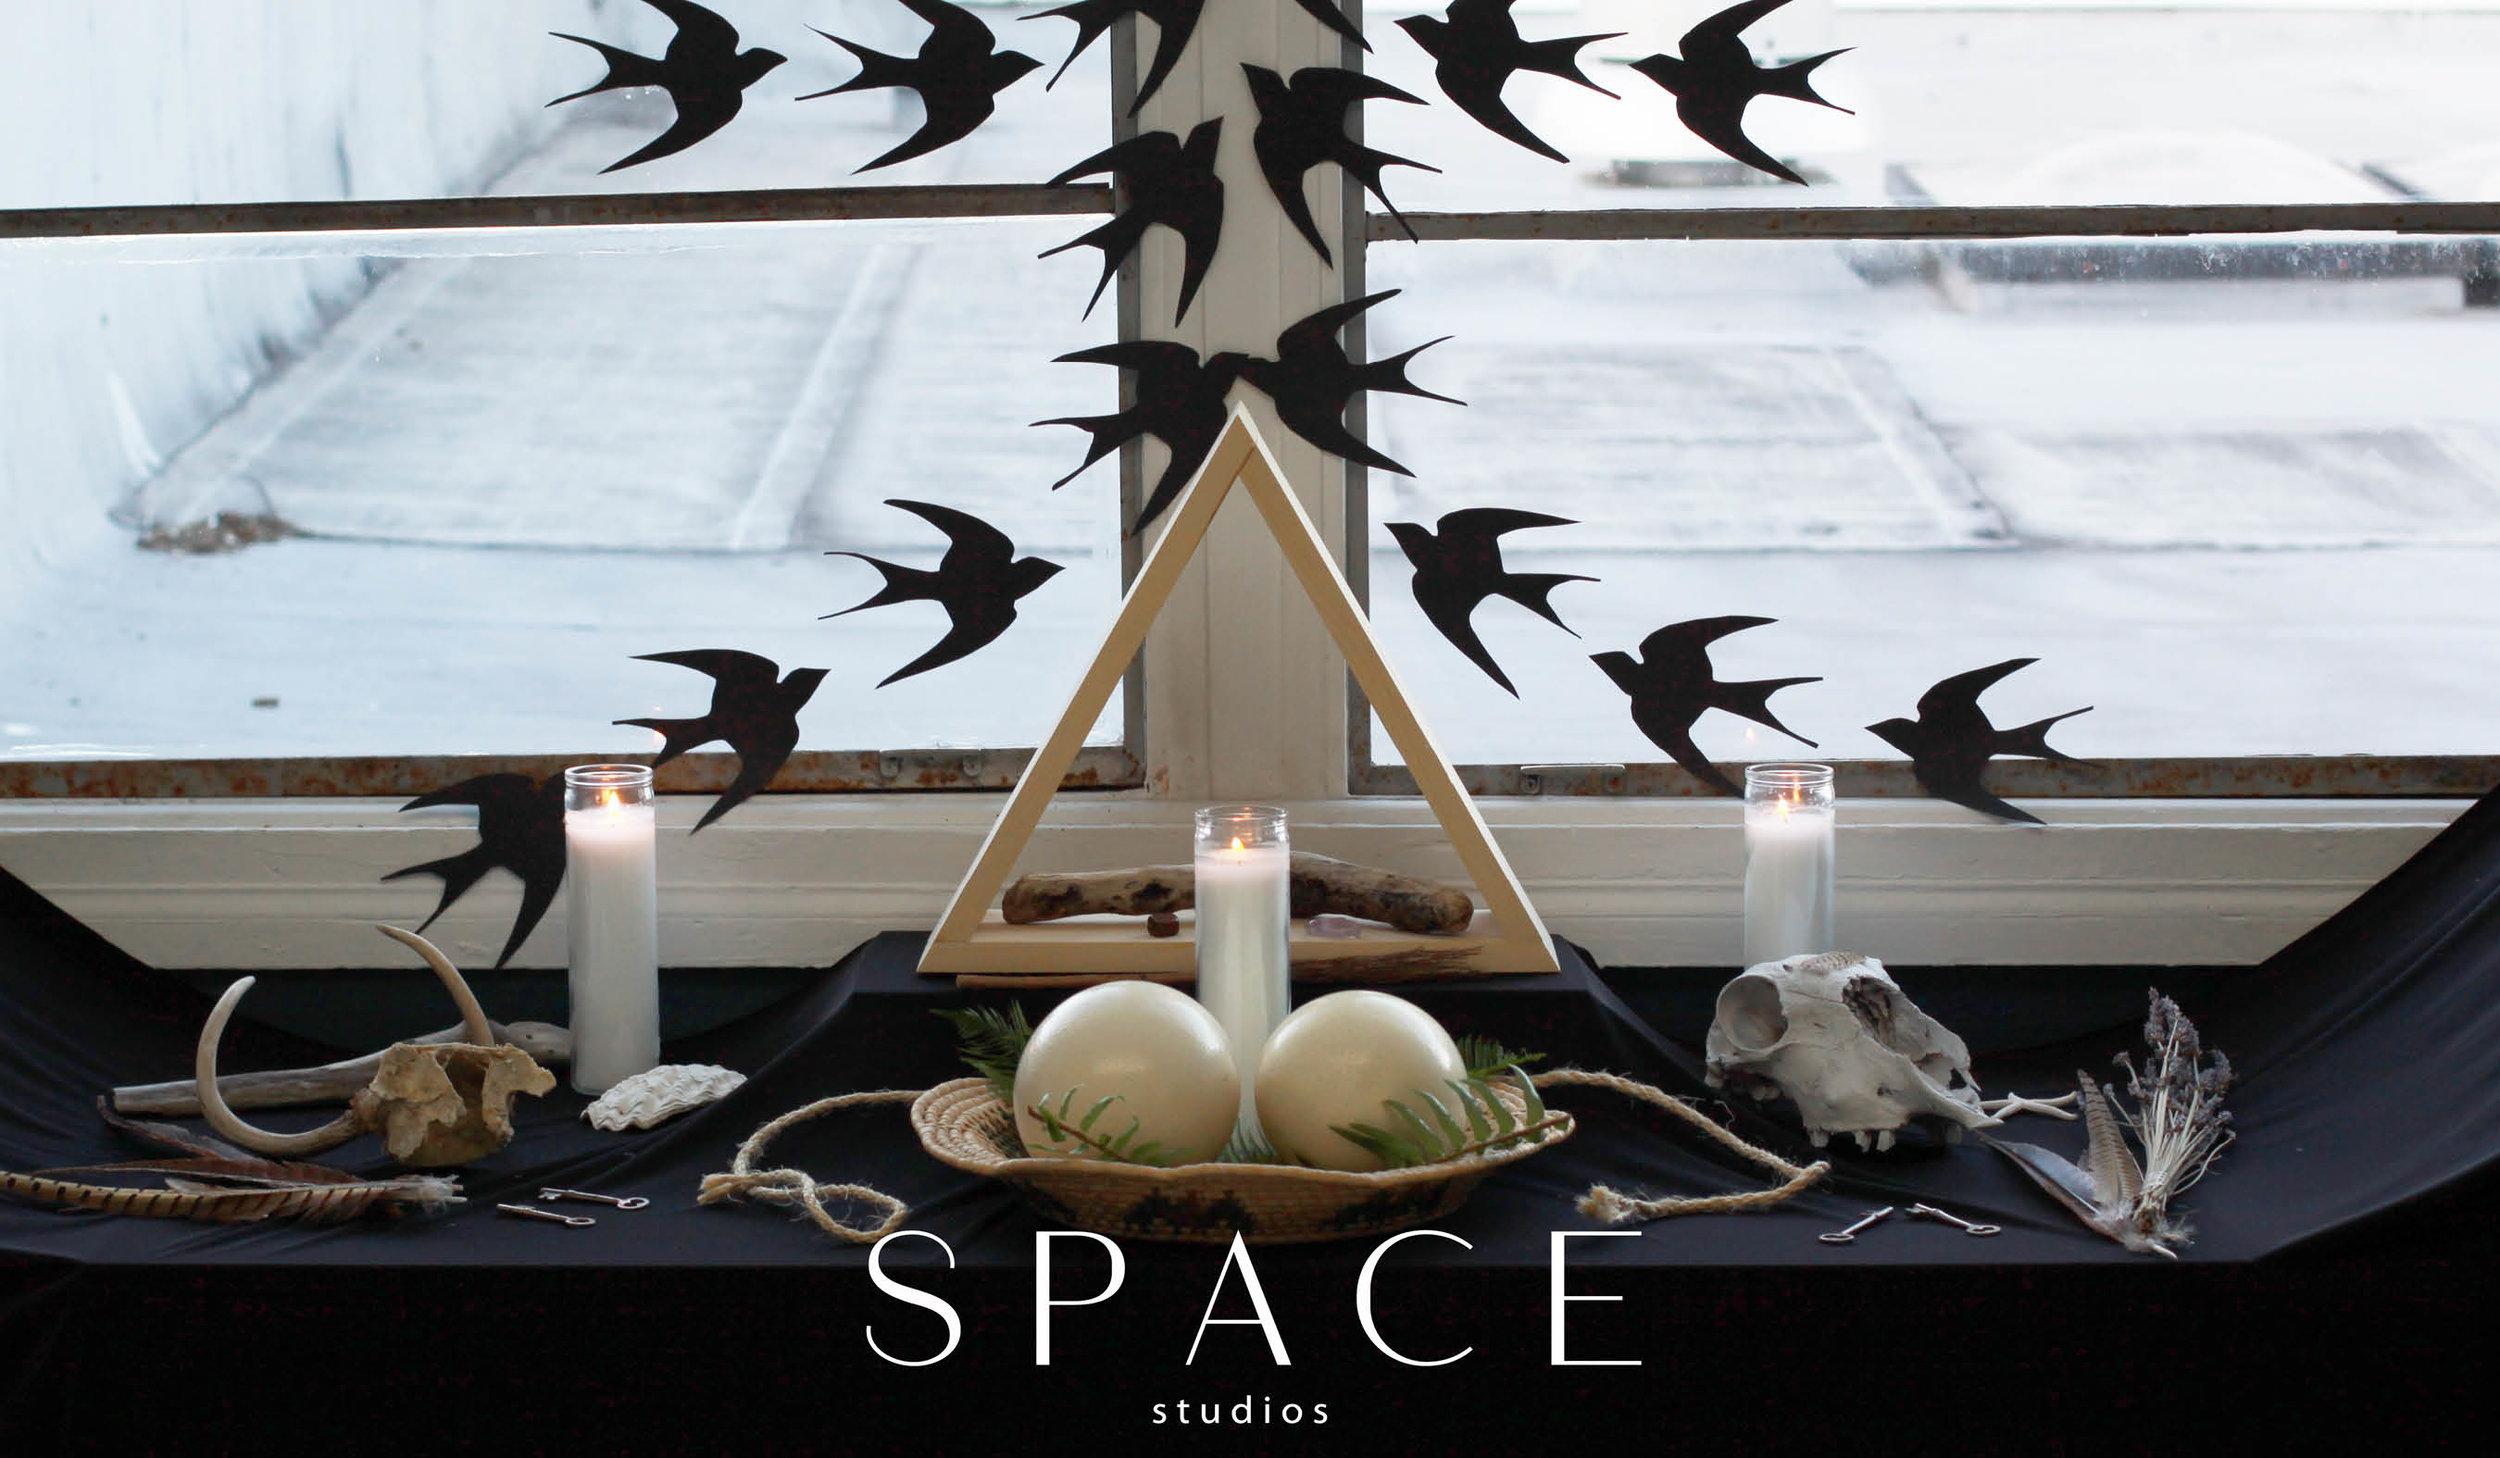 SS_Autumn177_SPACE STUDIOS_Denise Faddis.jpg